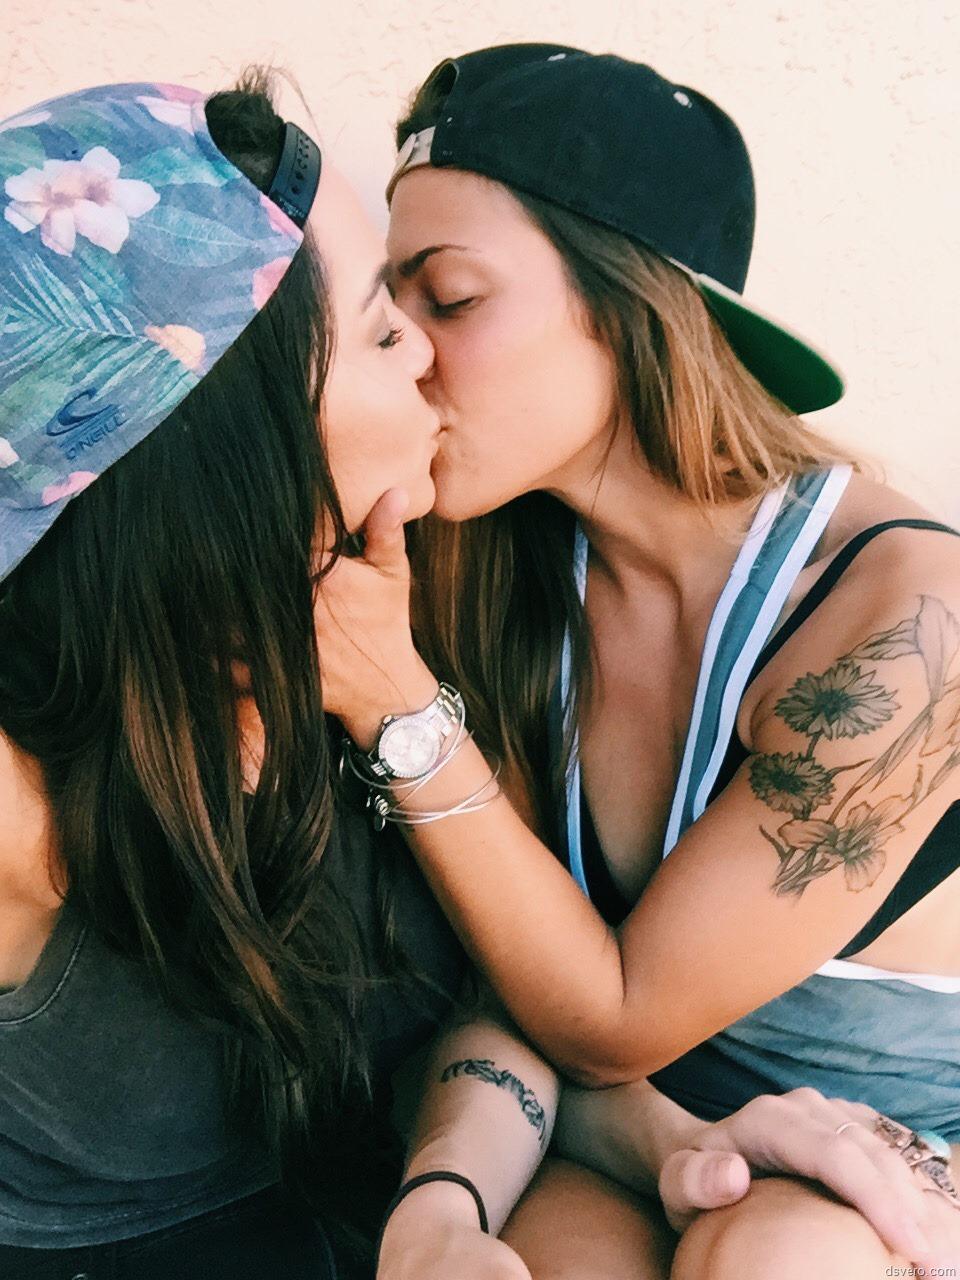 Фото как целуются девушка сдевушками 12 фотография